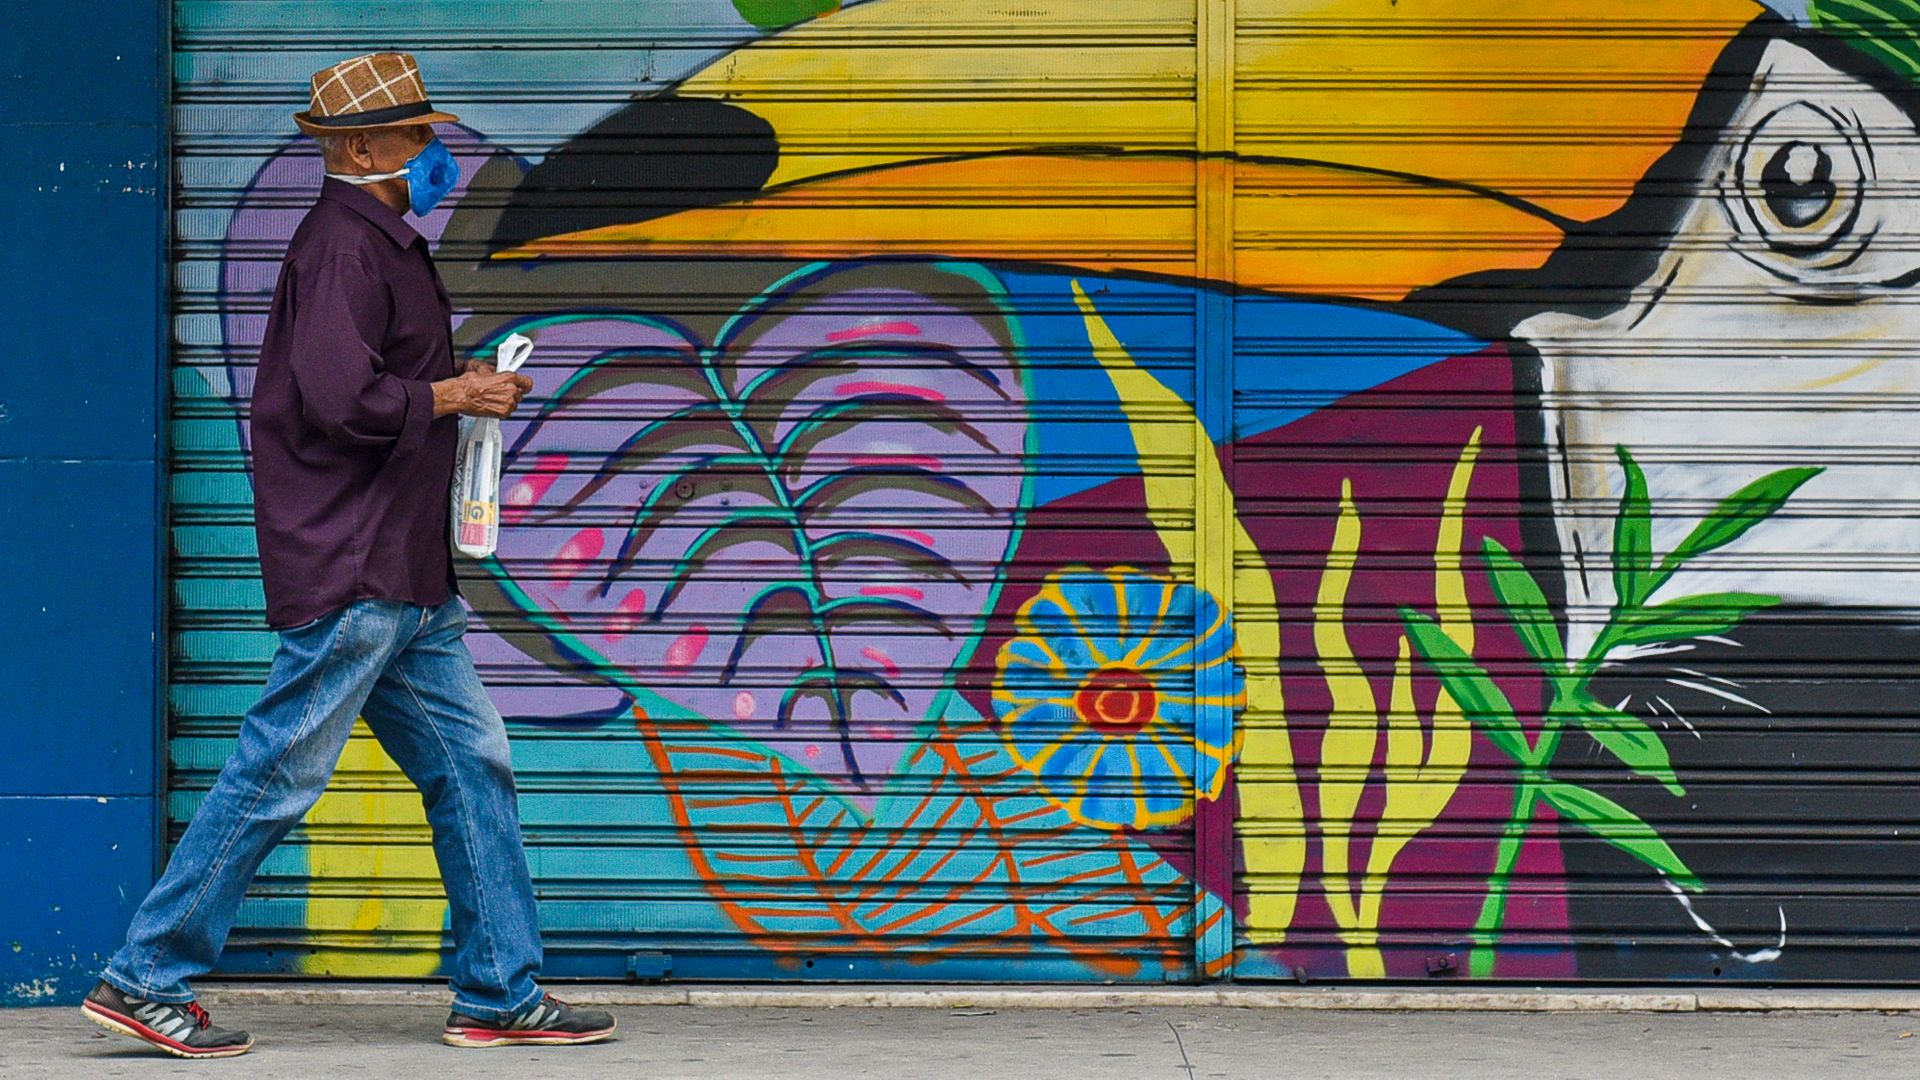 Registros mostram a interação entre entre rostos cobertos com máscaras e arte nas ruas de Vitória em meio a pandemia. Coronavírus trouxe novos hábitos que devem permanecer na nossa sociedade